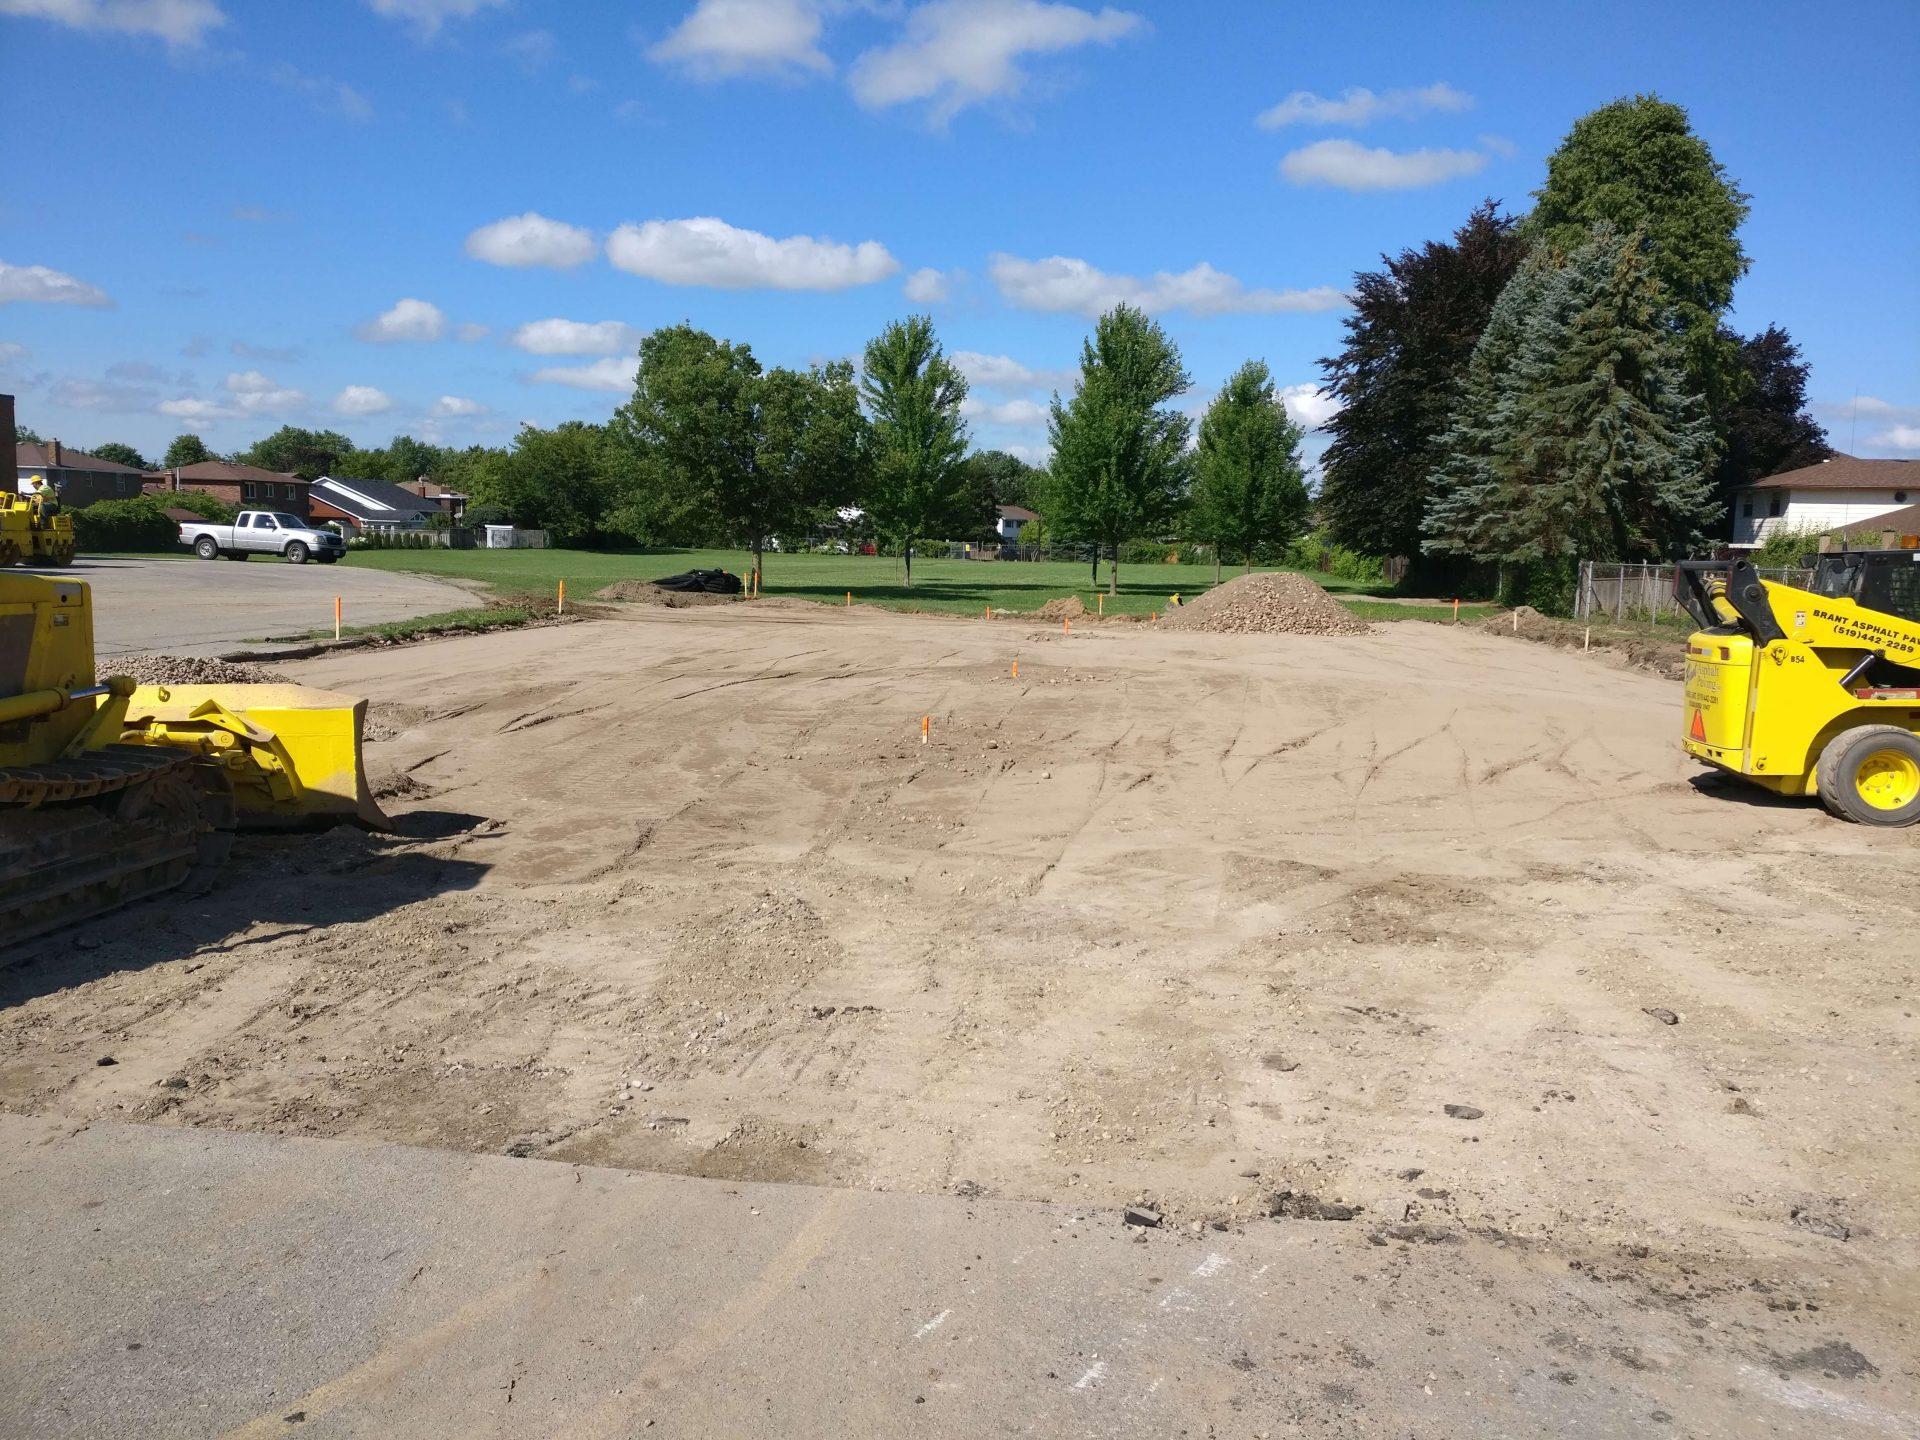 gravel parking lot with Paris Construction